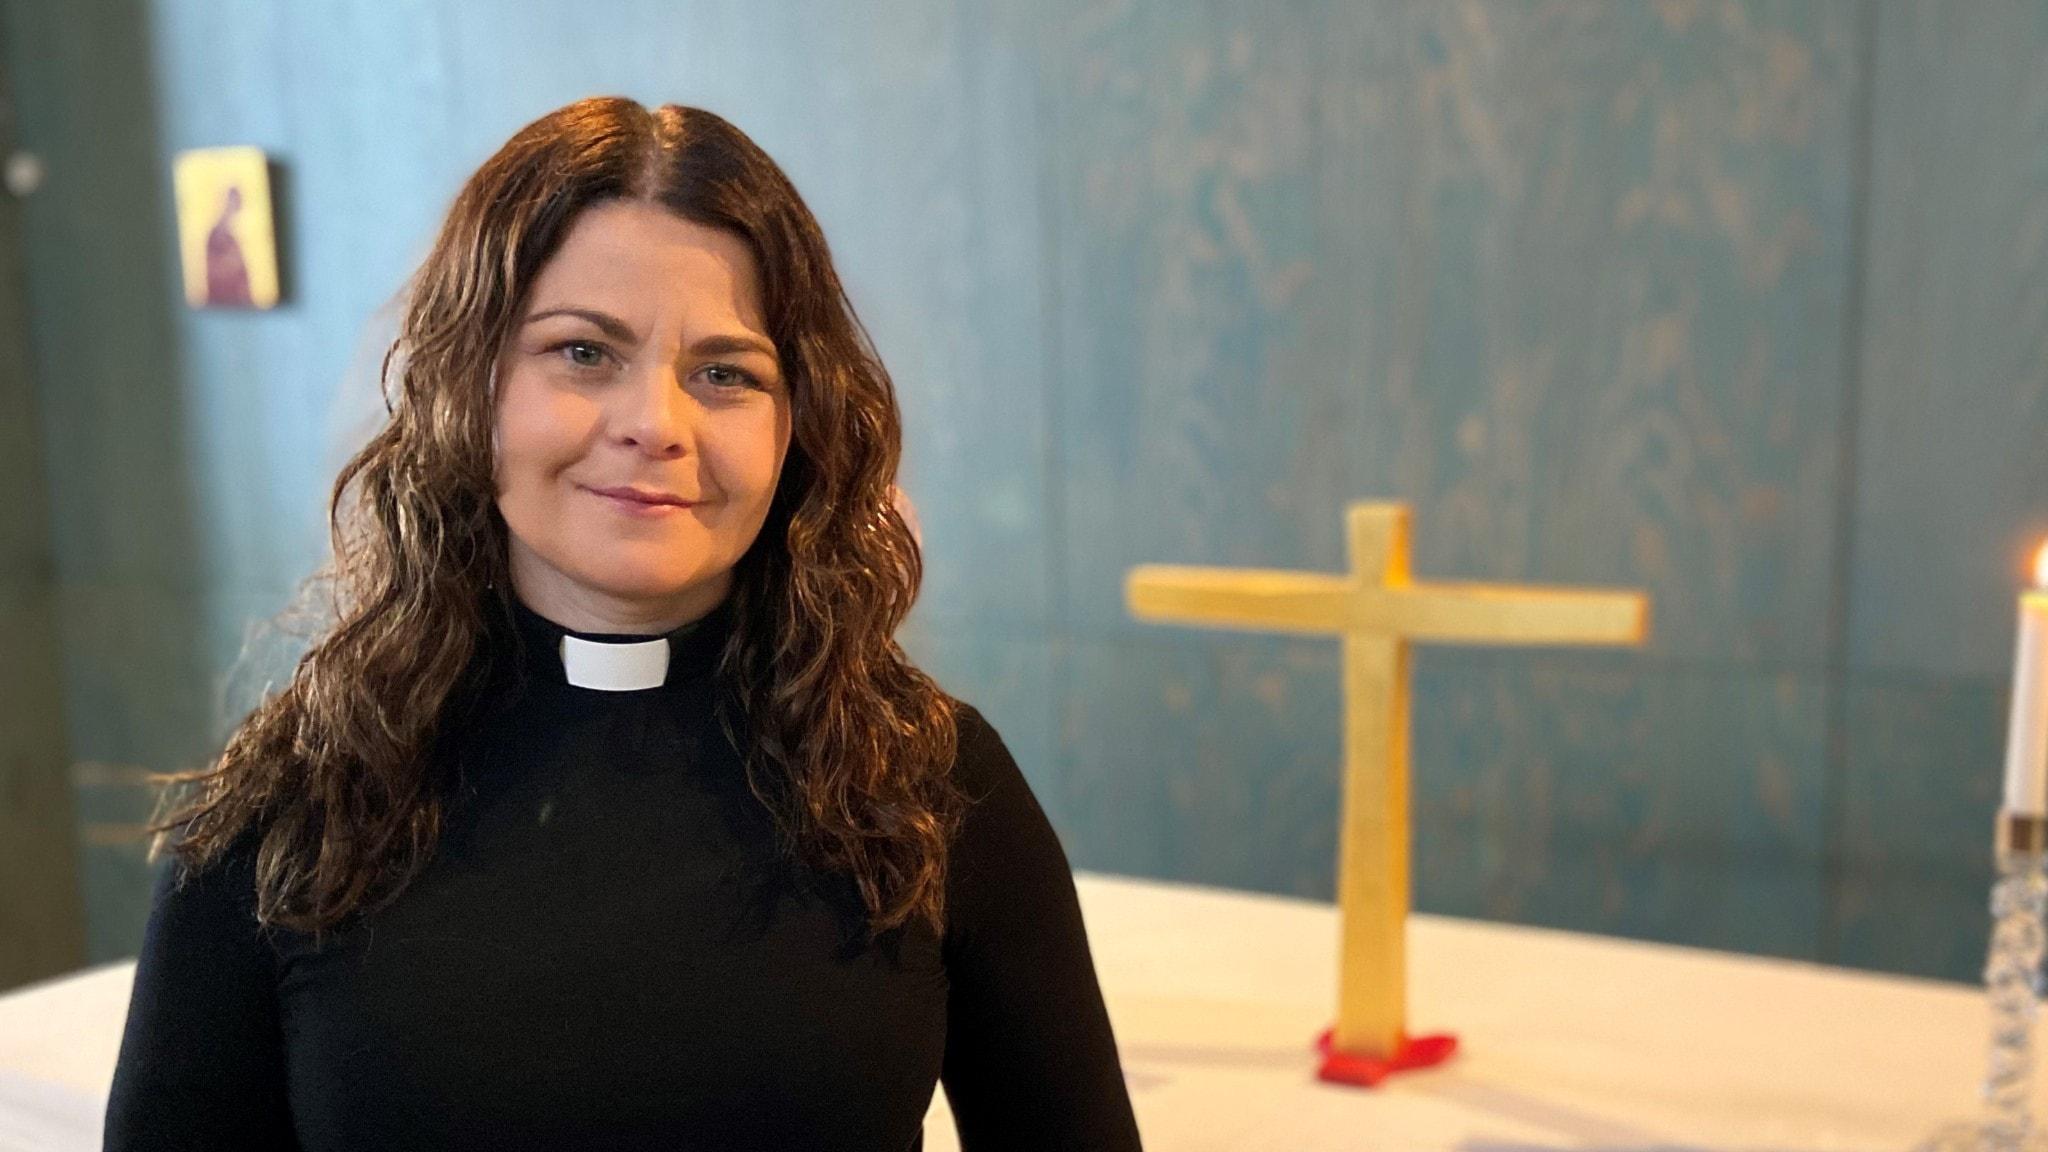 Ida Marcusson i prästskjorta fotograferad med ett guldkors i bakgrunden. Fotot är taget i Porsökyrkan.